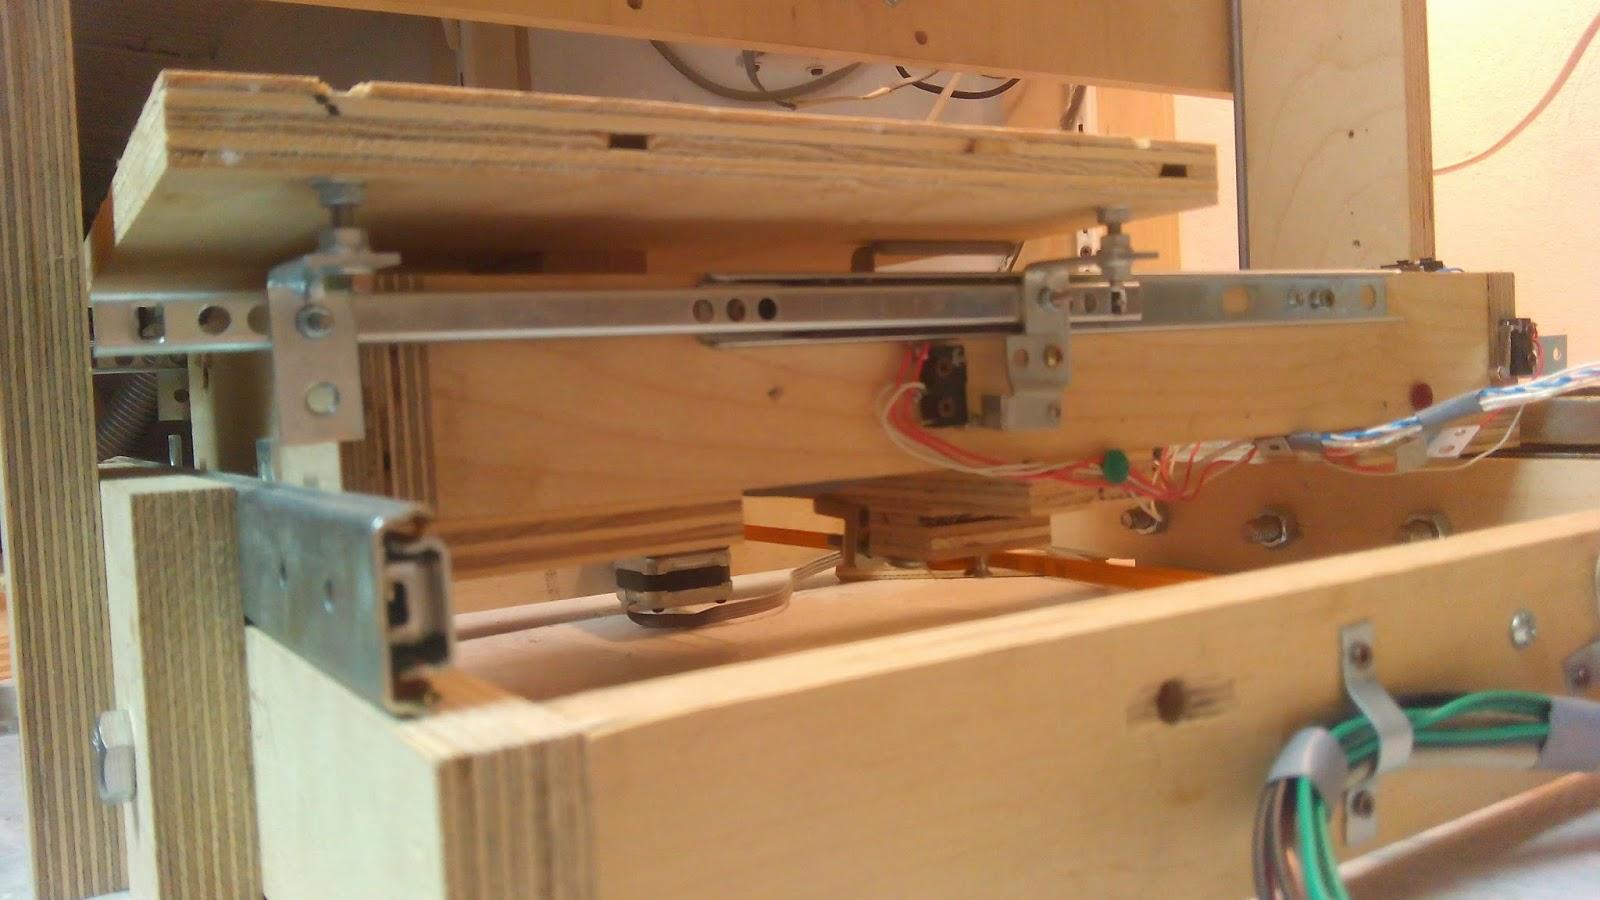 Diy progetti cnc autocostruita a meno di 150 euro for Progetti in legno da realizzare